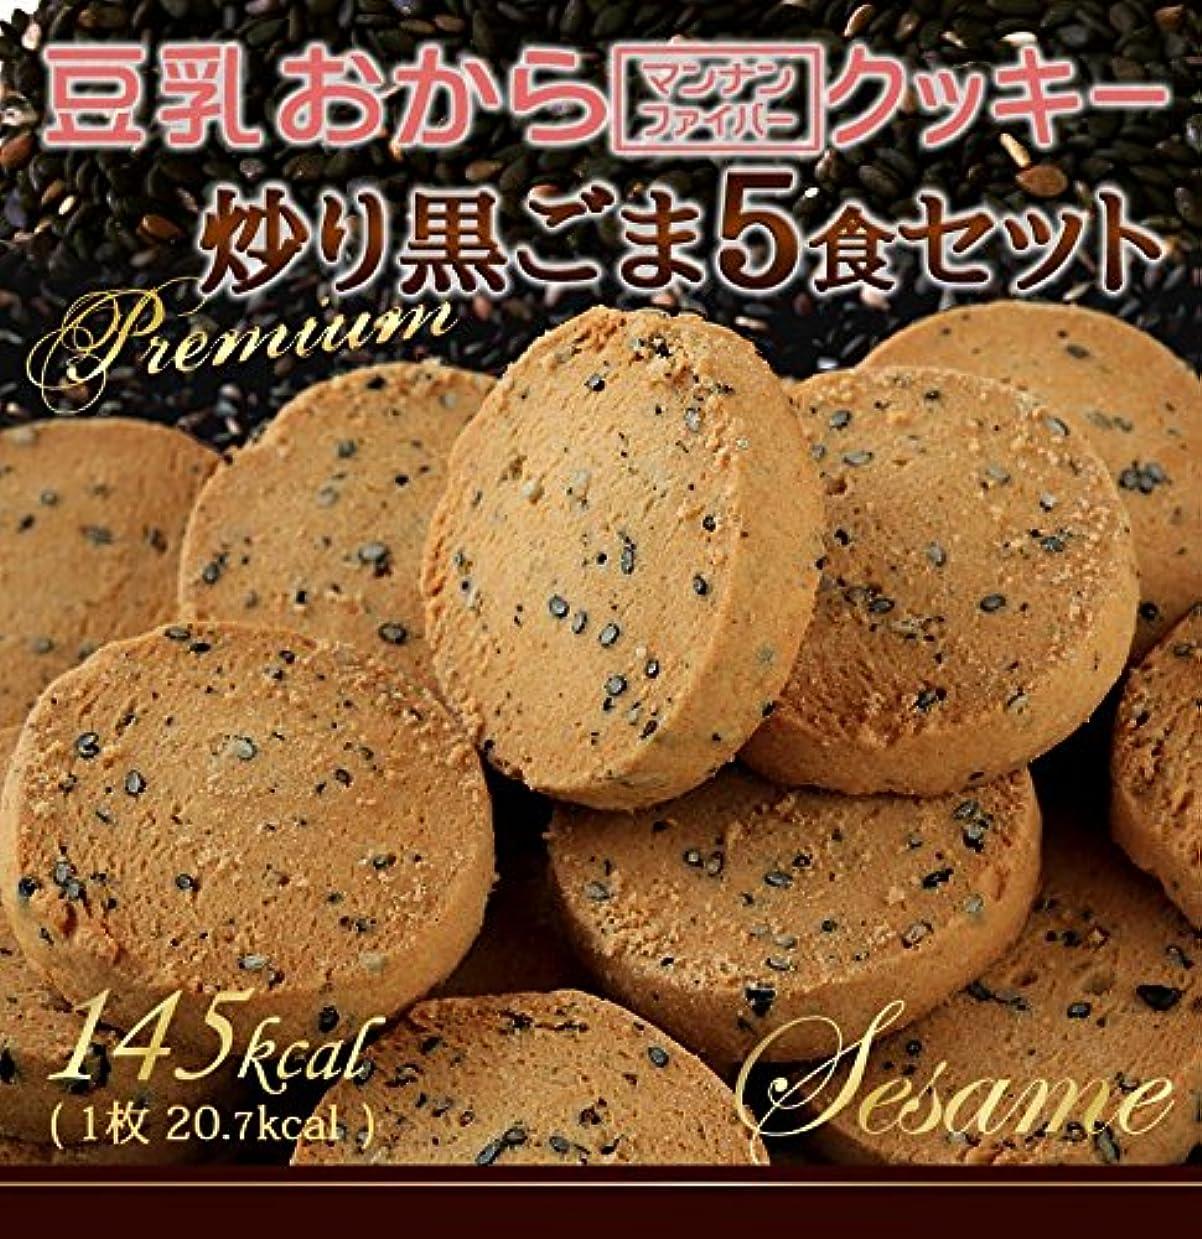 反発する嫌悪分解する豆乳おからクッキー5食パック 【ごま味】 ダイエットクッキー